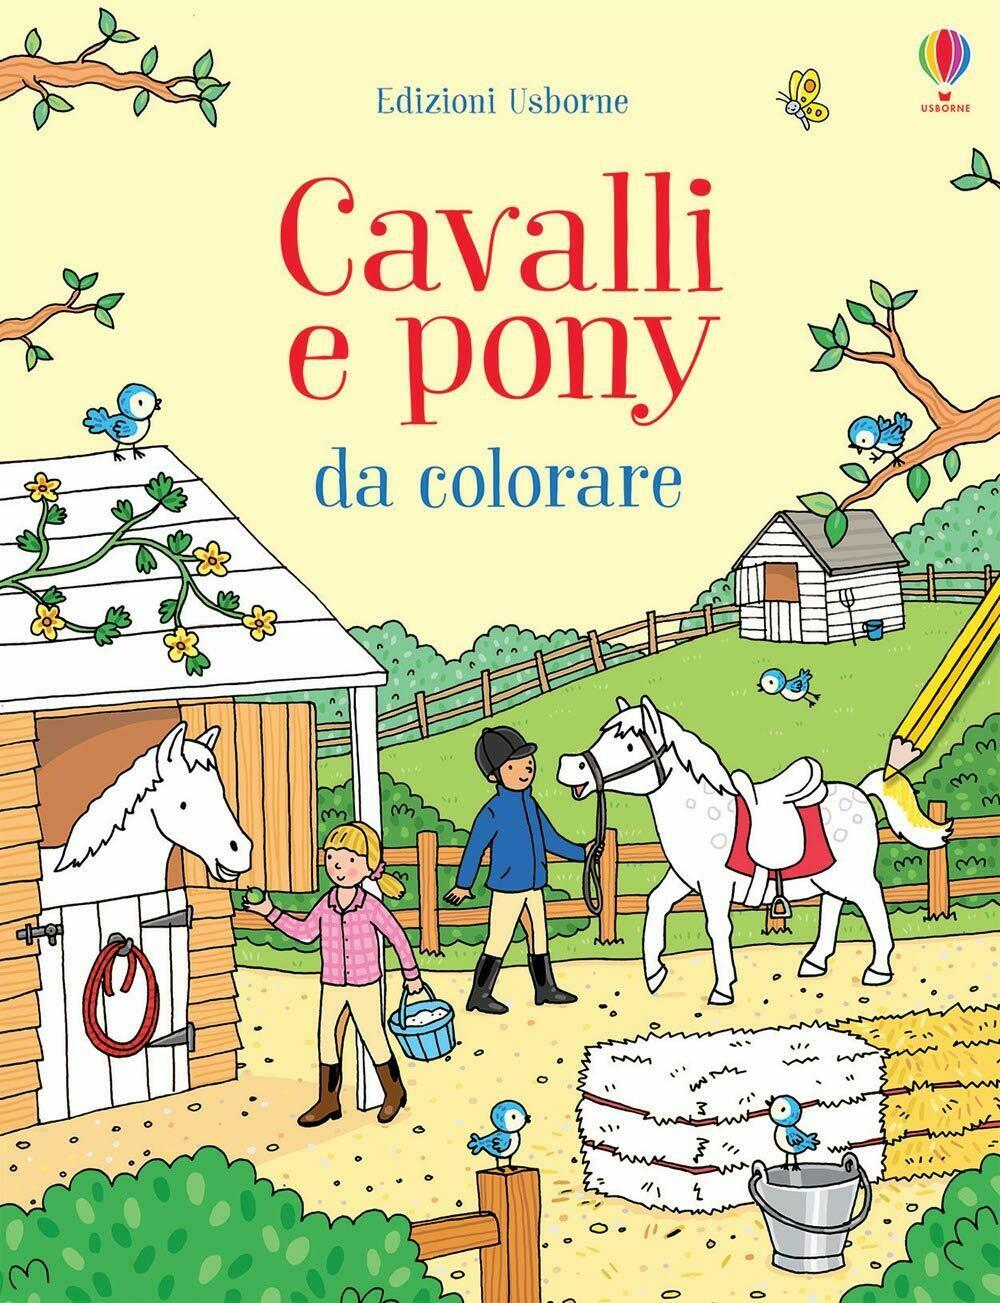 Cavalli e pony da colorare